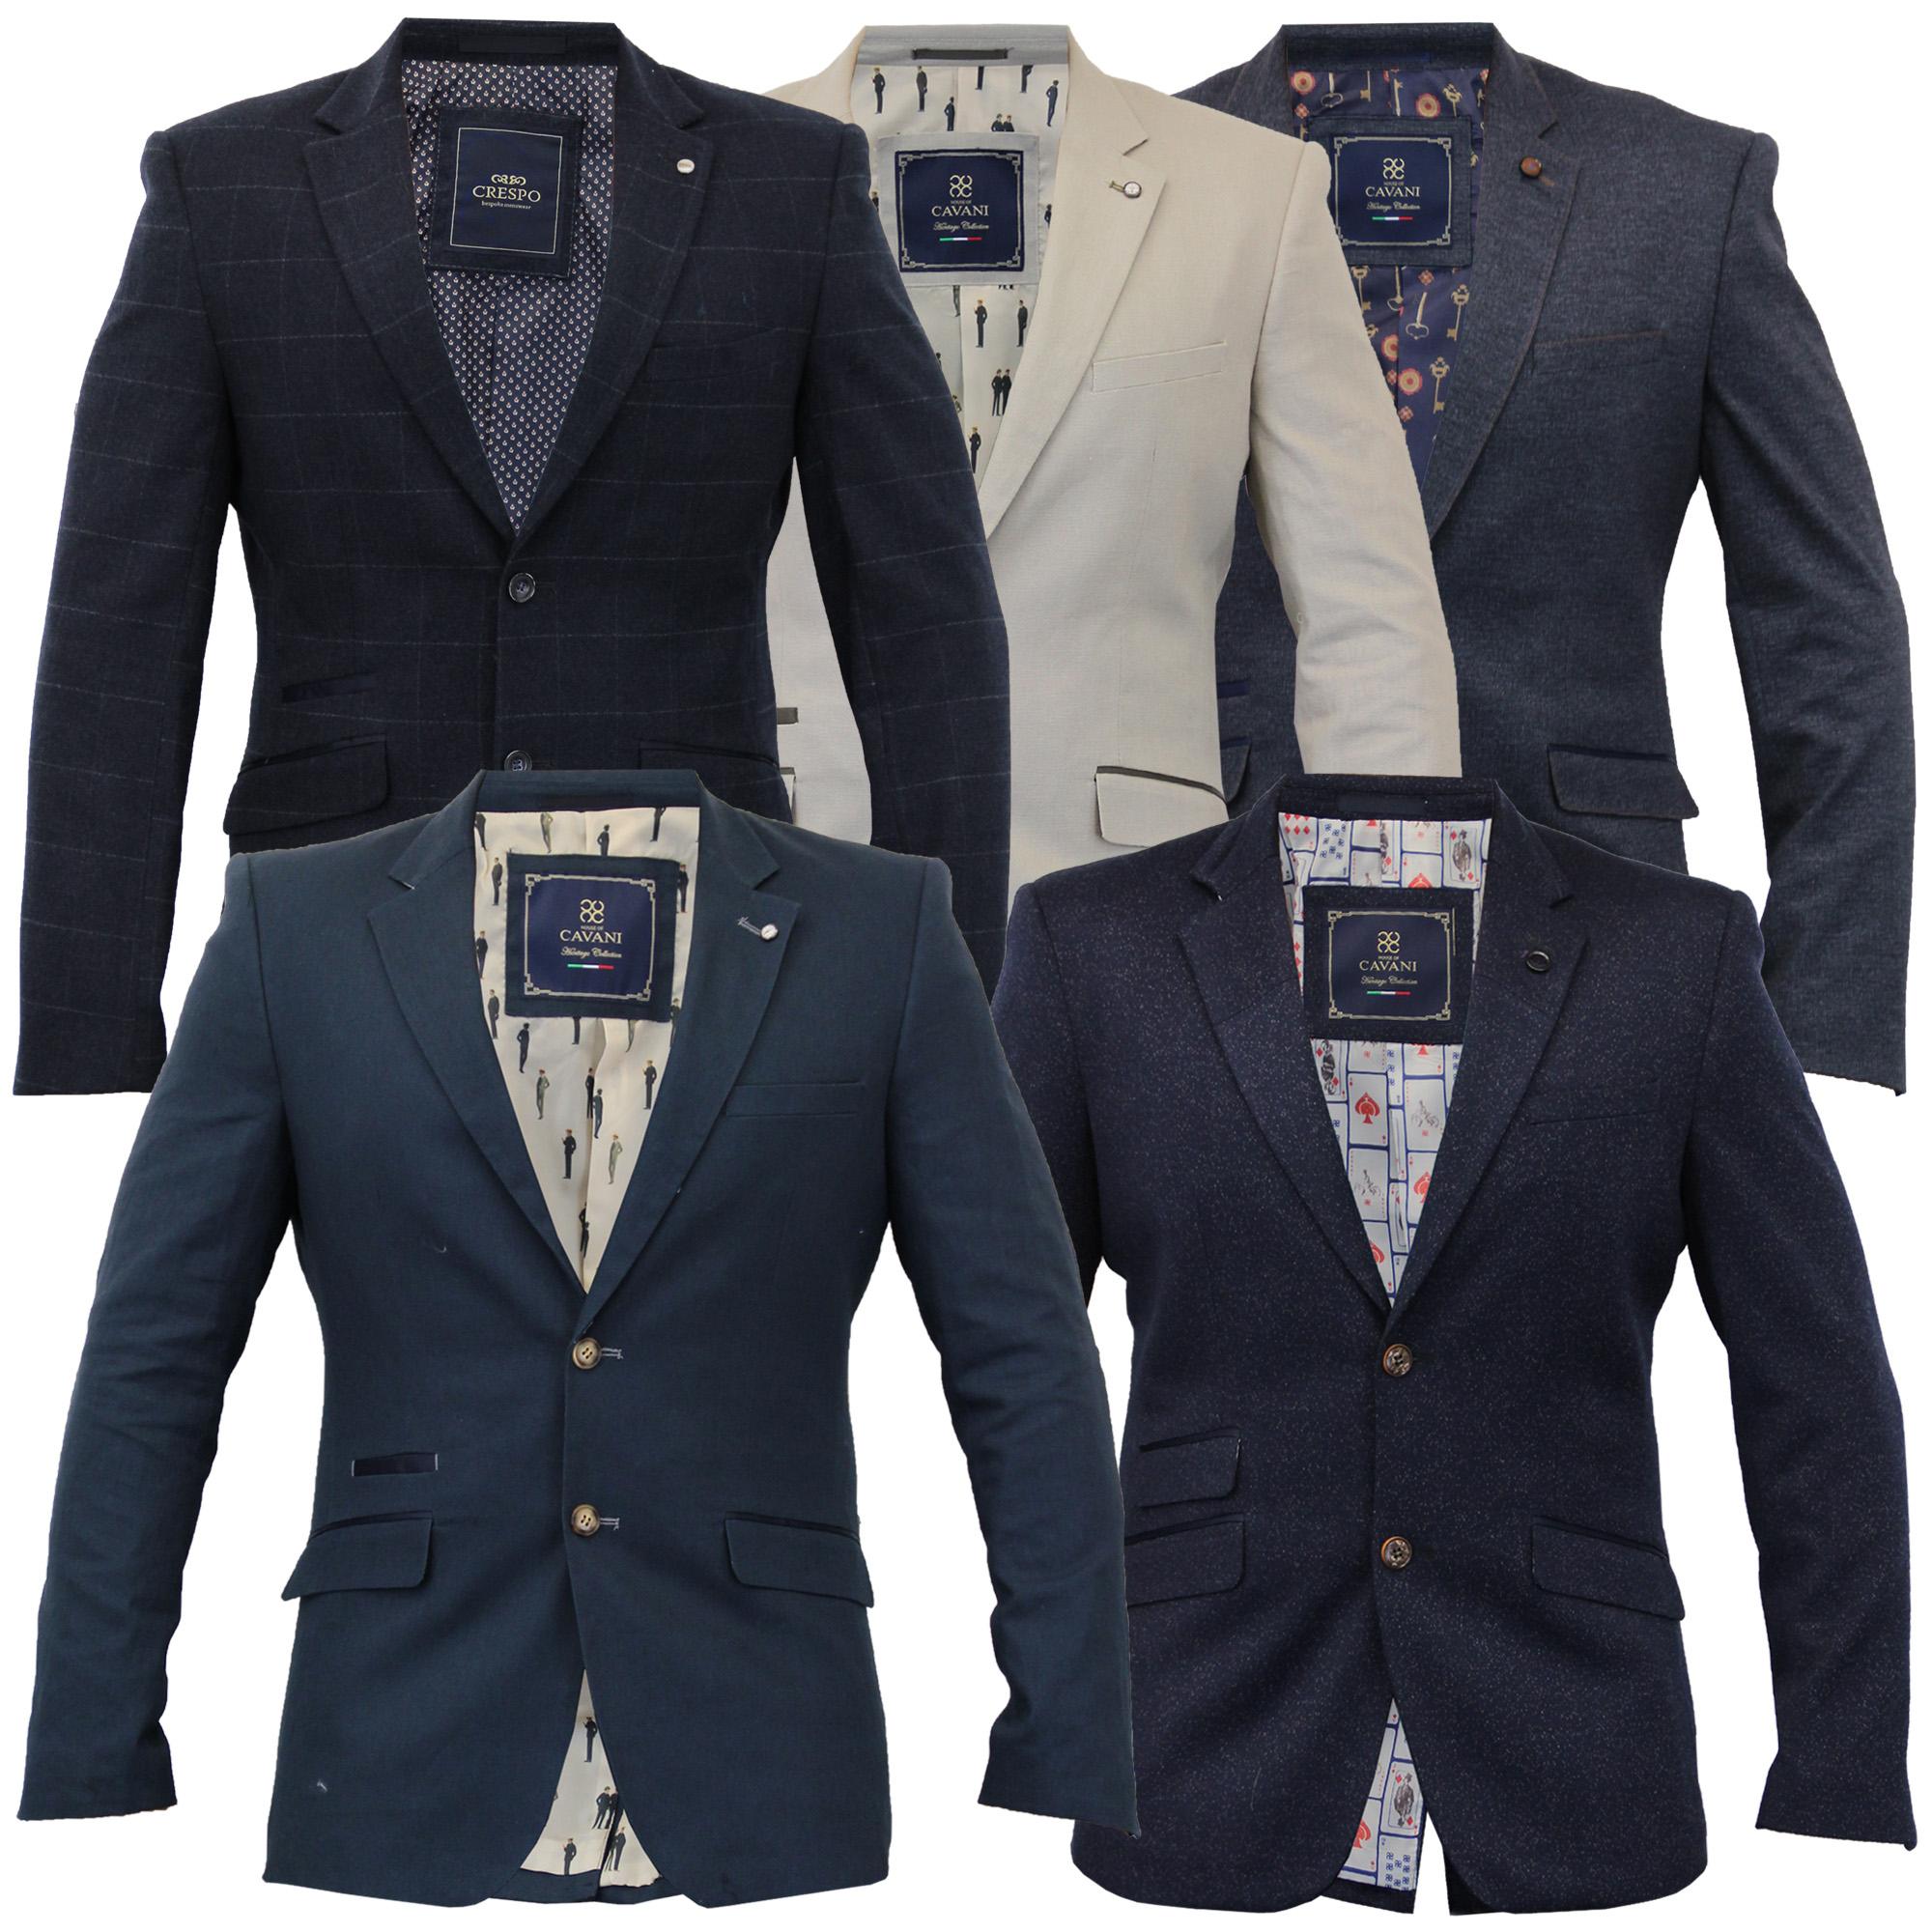 mens linen slim fit blazer jacket by cavani ebay. Black Bedroom Furniture Sets. Home Design Ideas